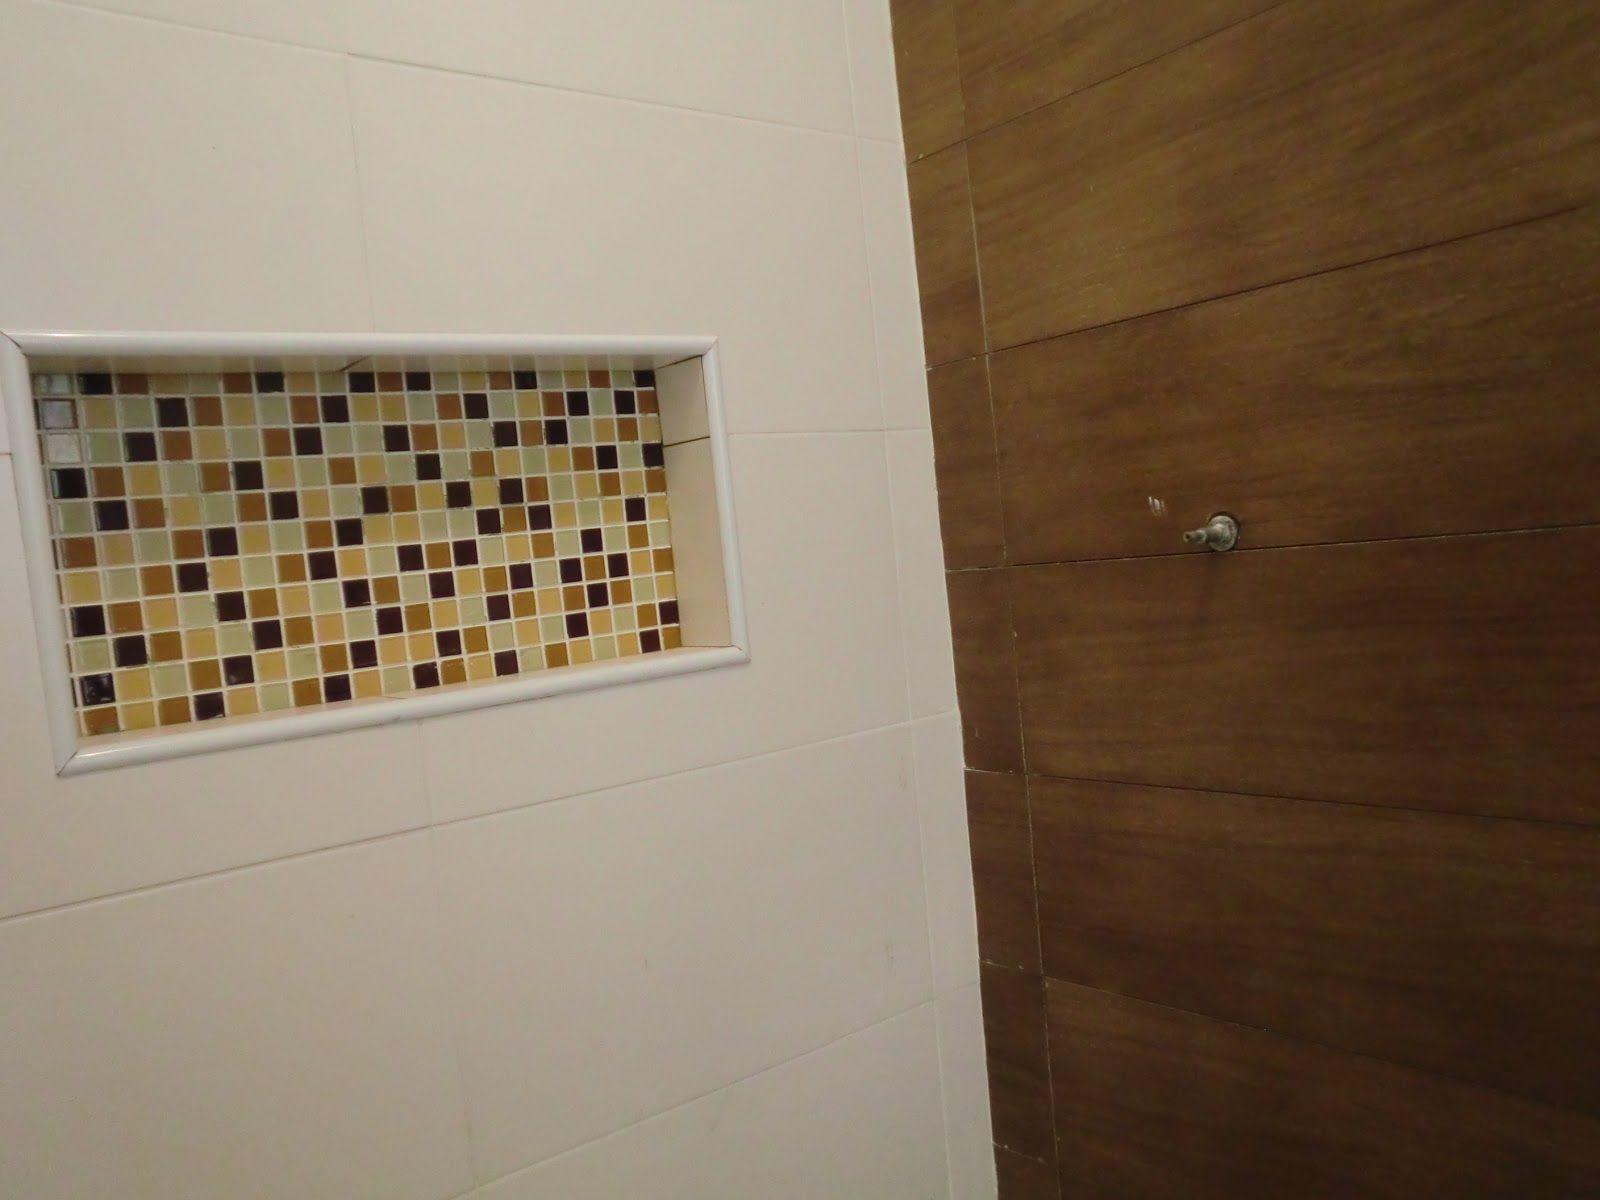 nicho para banheiro Decoração Pinterest #402816 1600x1200 Banheiro Com Nicho